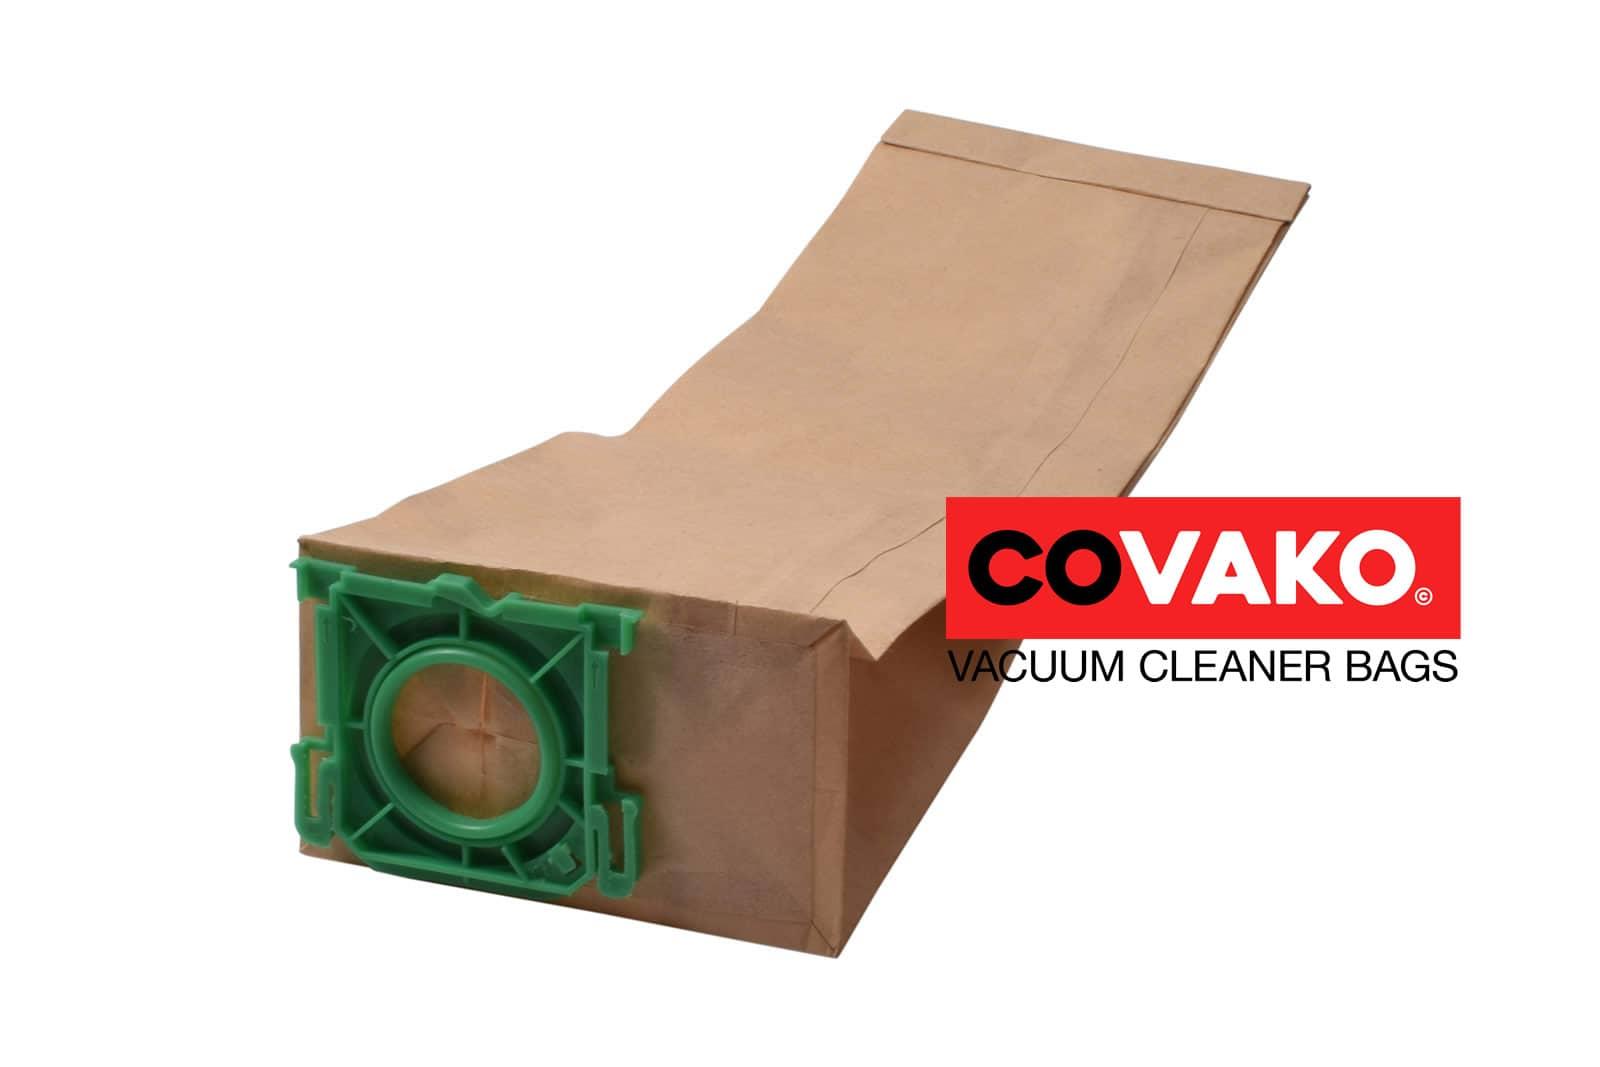 Tennant TM 370 / Papier - Tennant sacs d'aspirateur